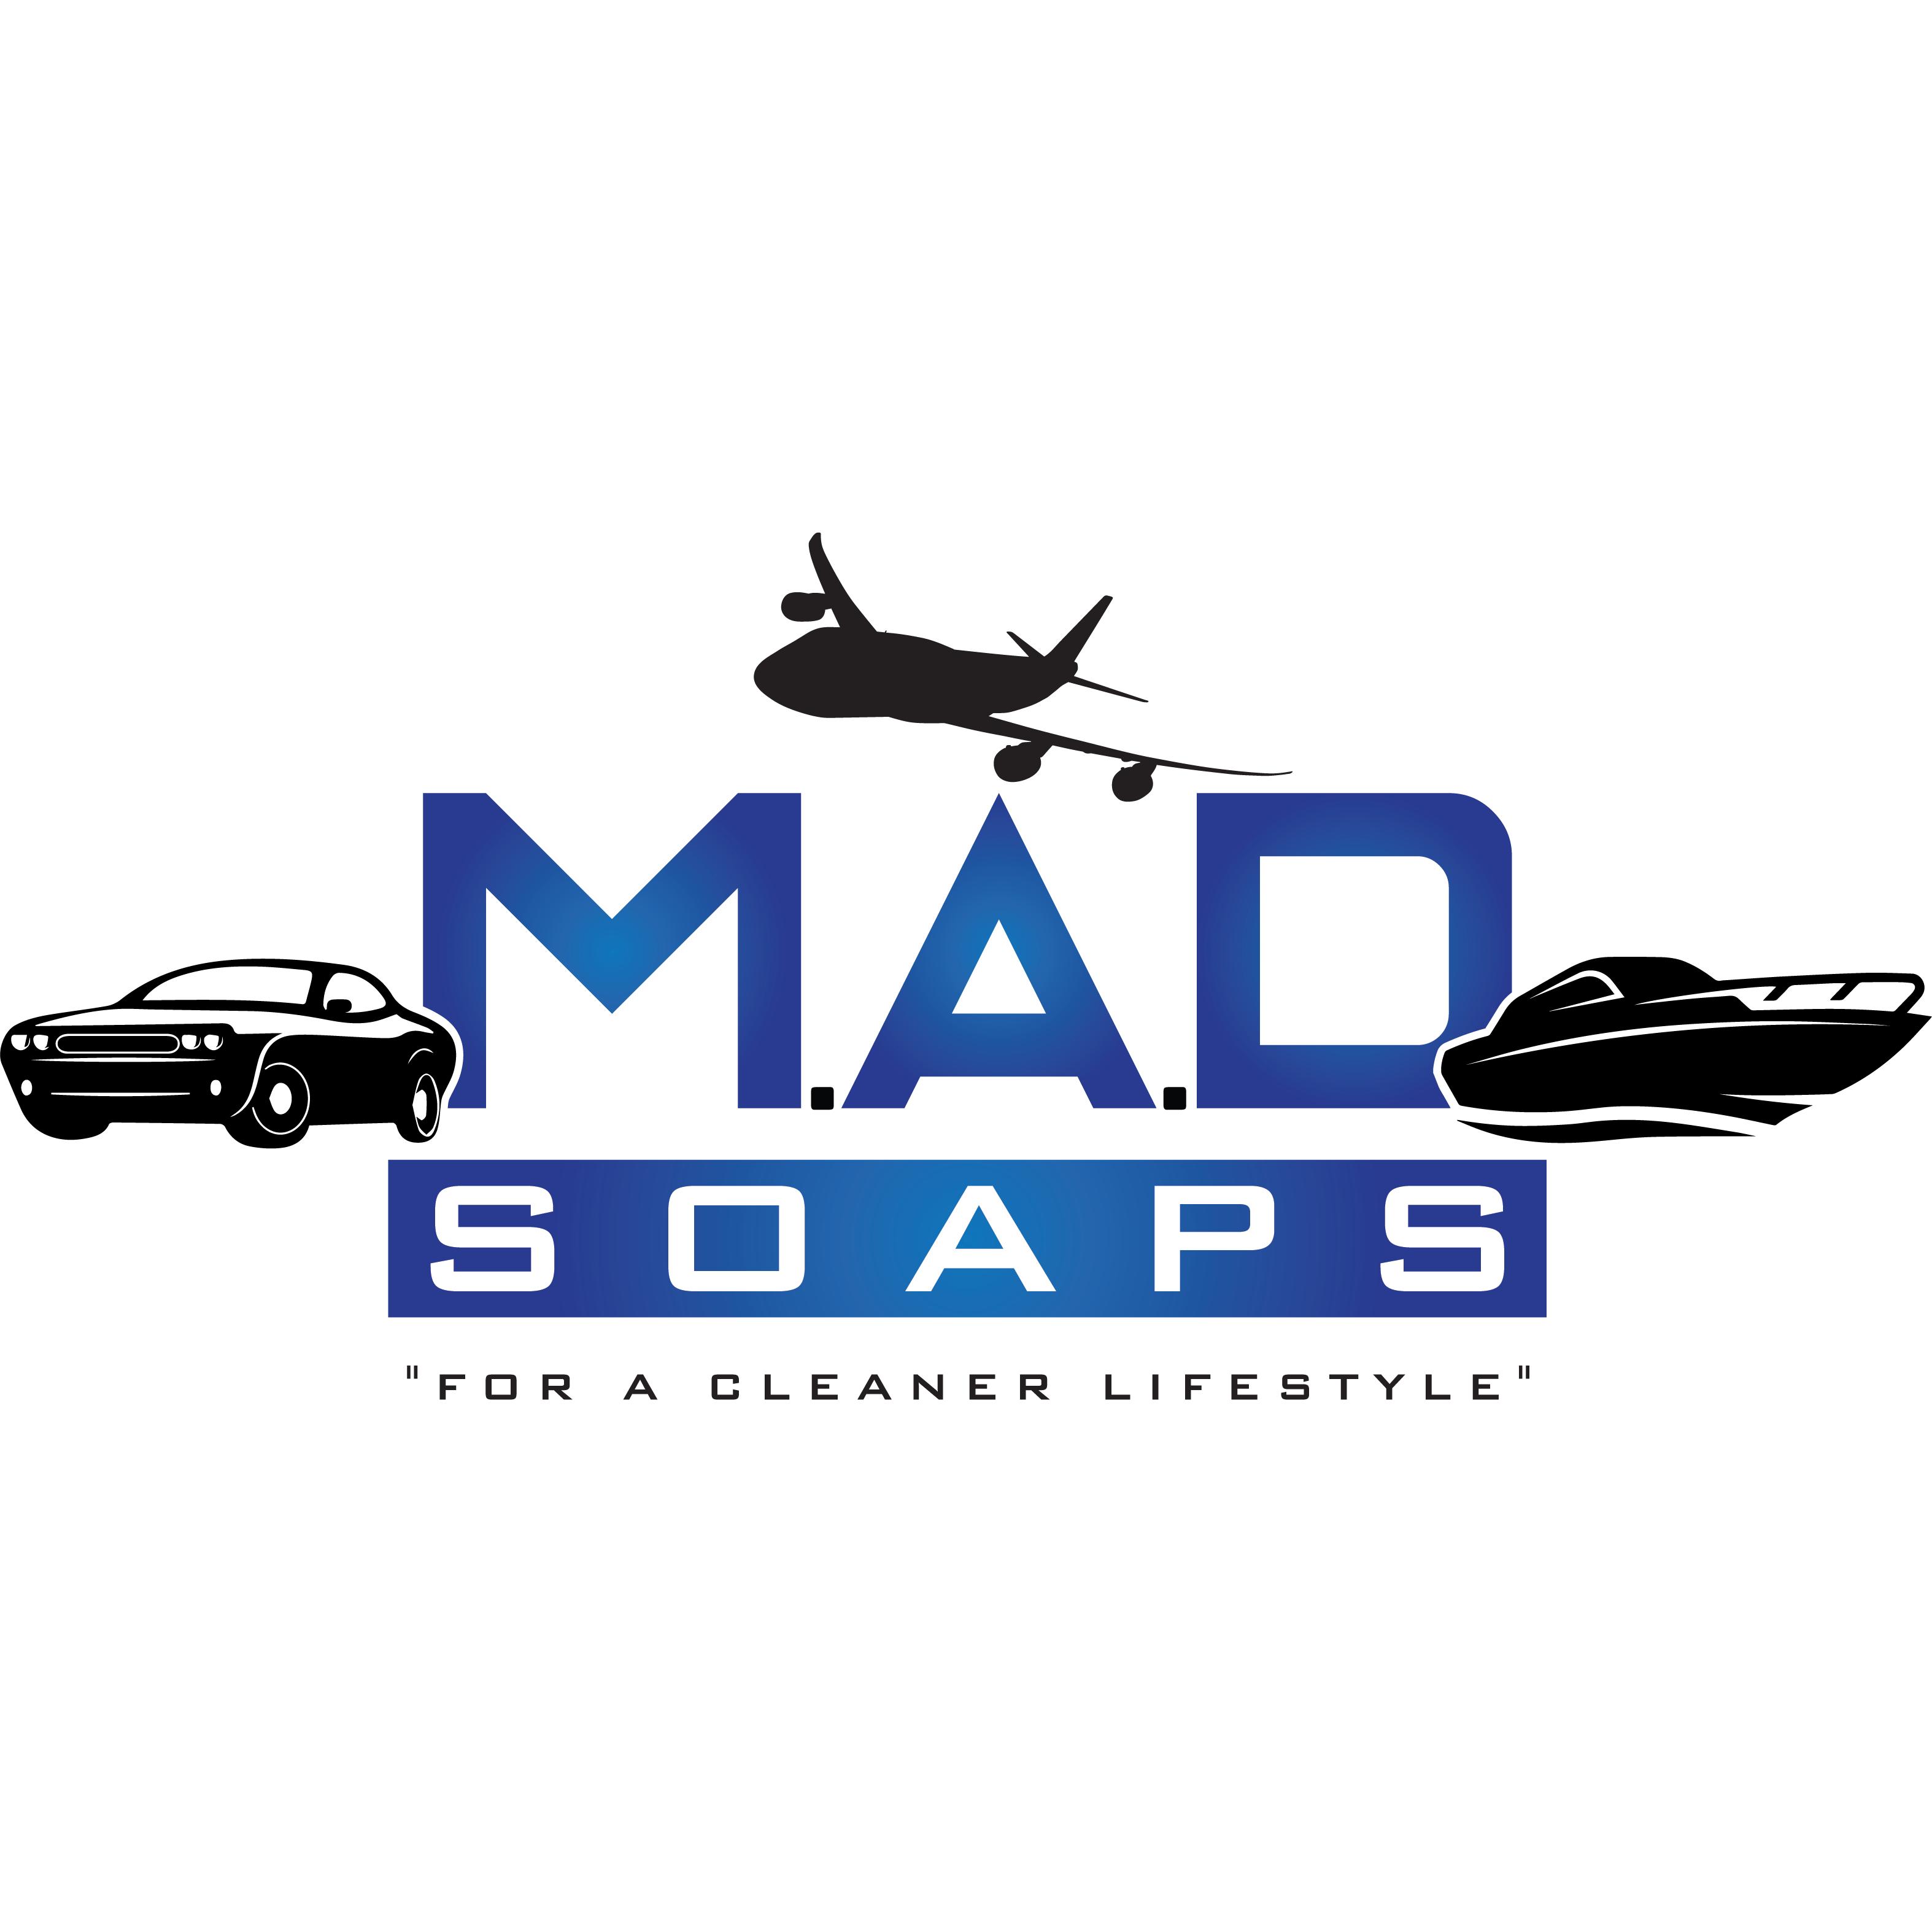 M.A.D. Soaps Inc.